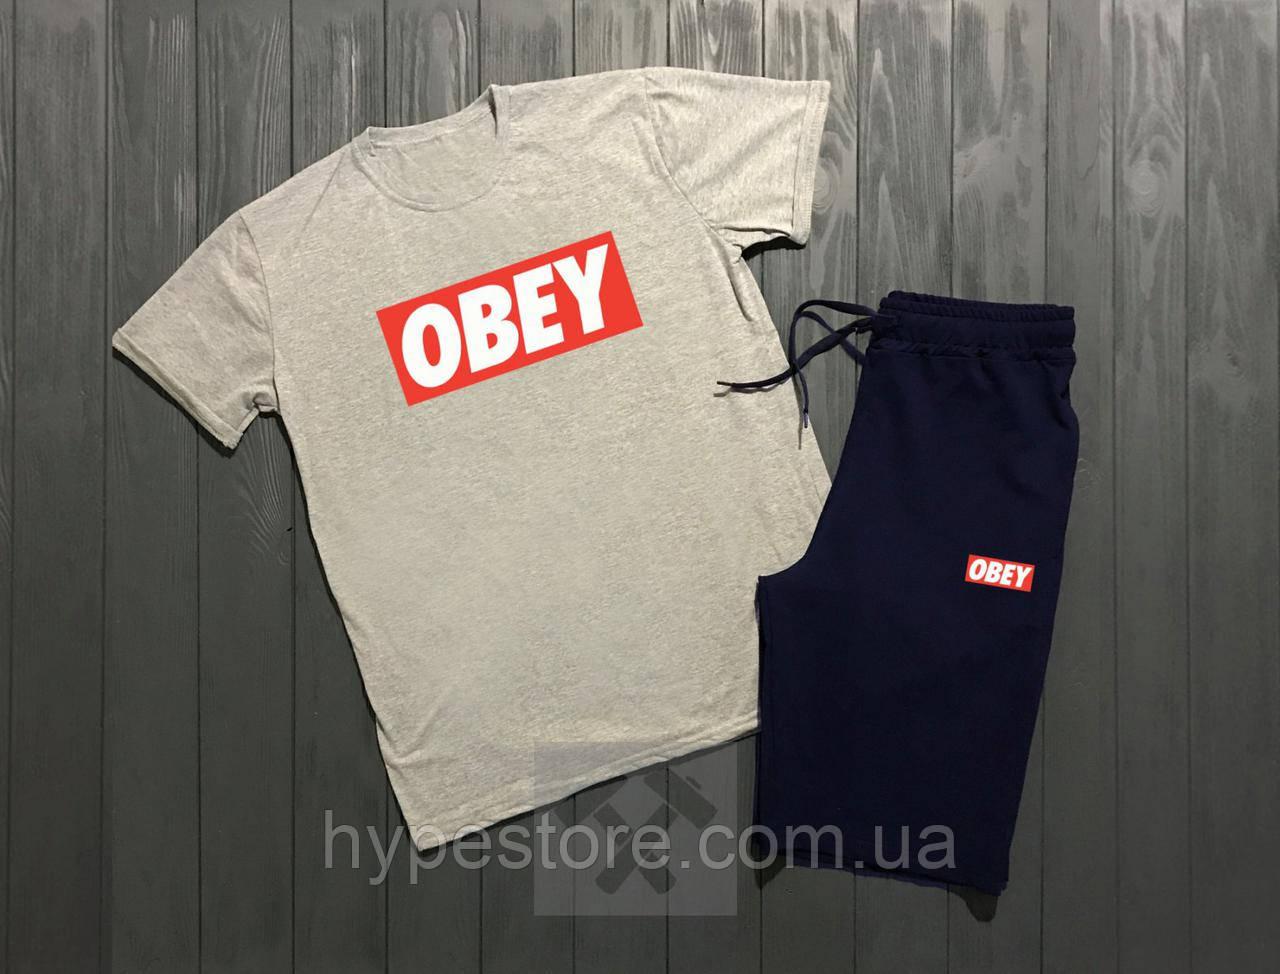 Летний спортивный костюм, комплект Obey (серый + темно-синий), Реплика